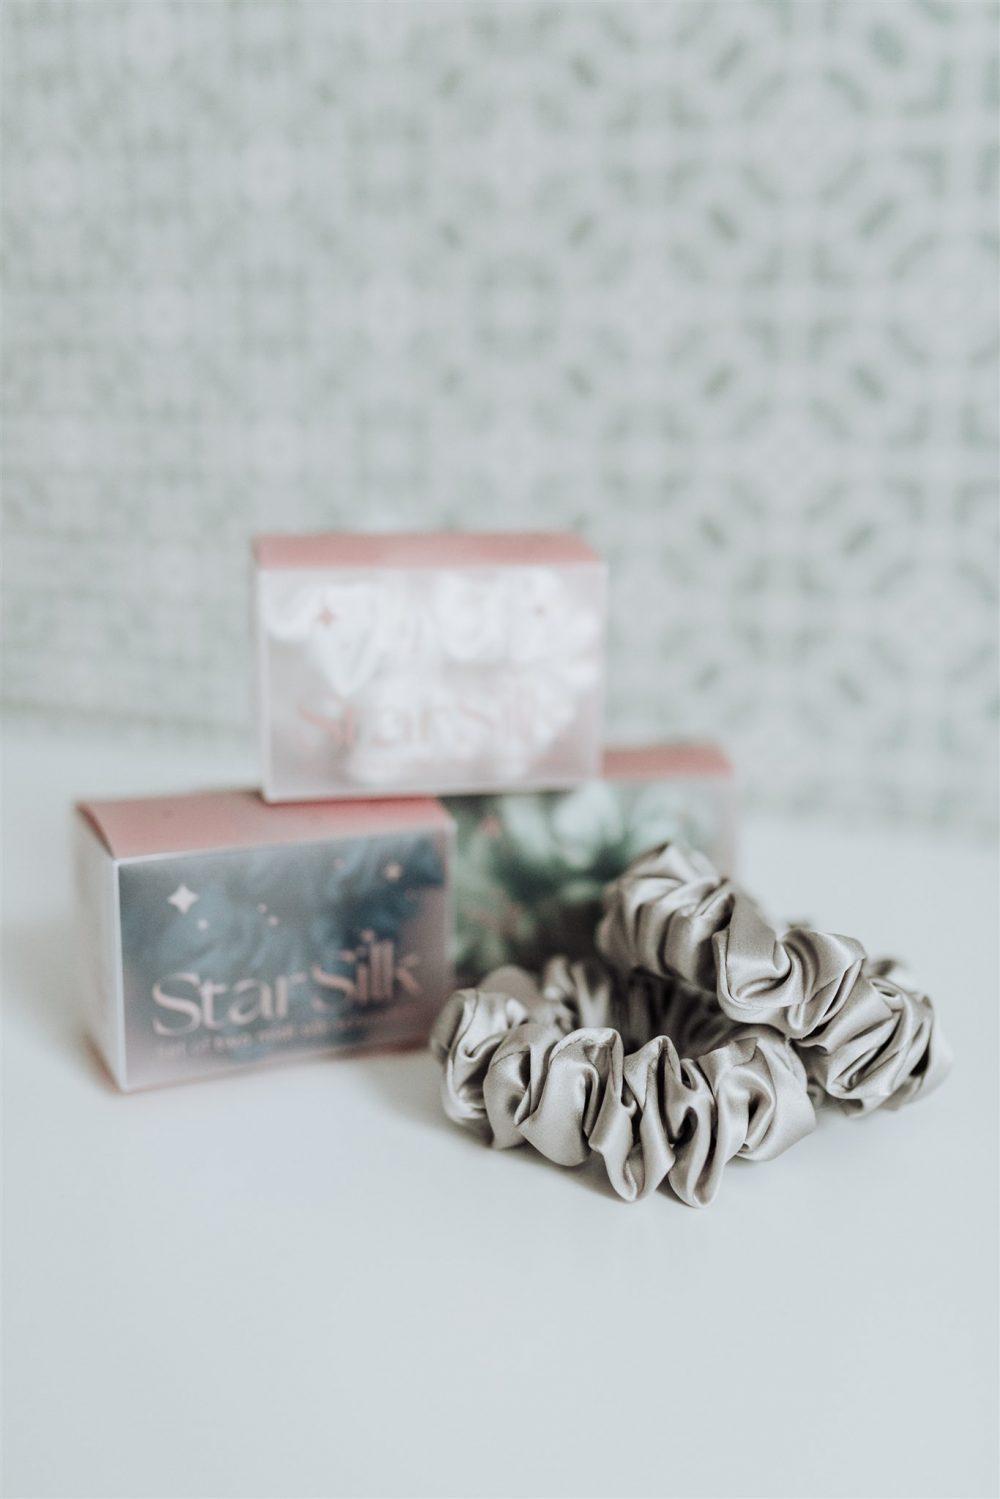 StarSilk svilene gumice za kosu